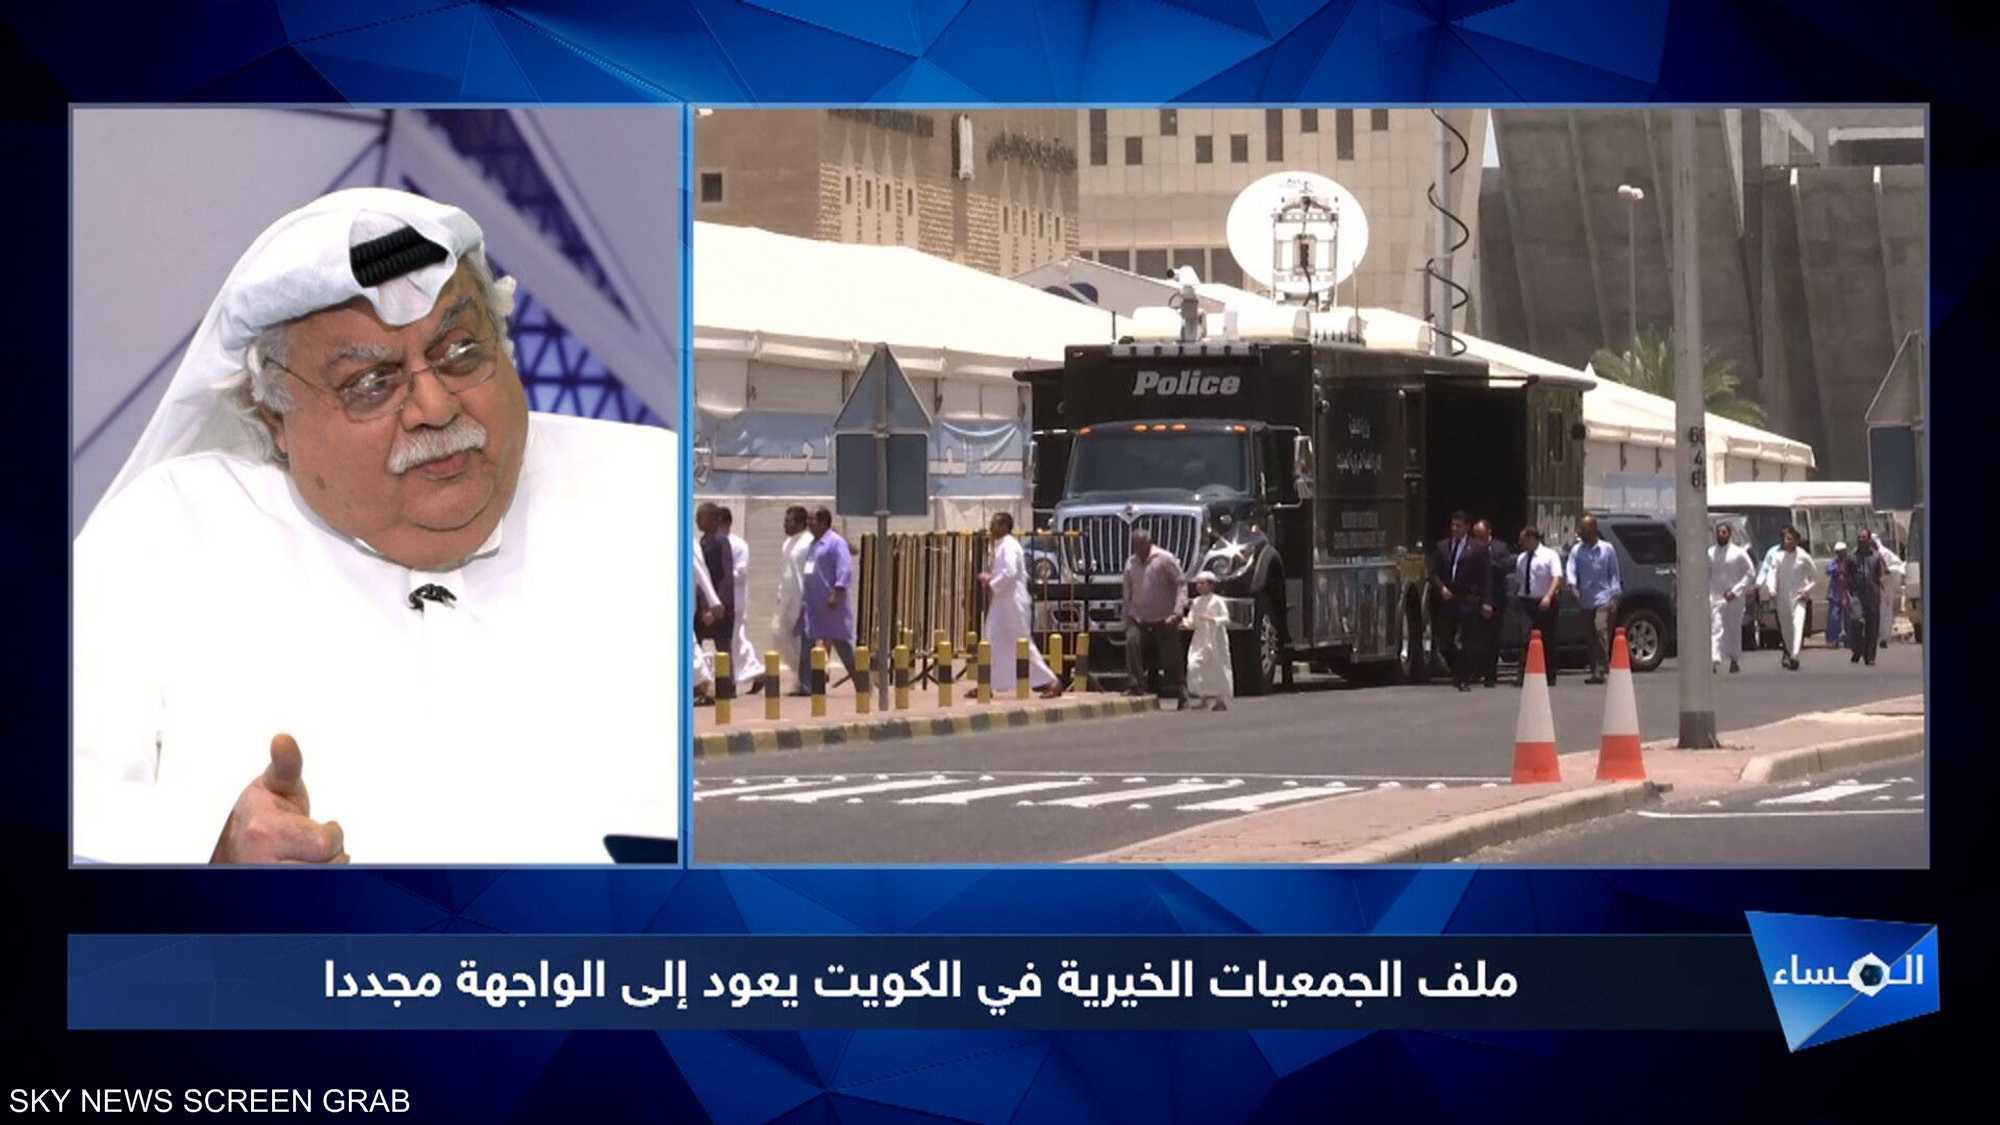 ملف الجمعيات الخيرية في الكويت يعود للواجهة مجددا